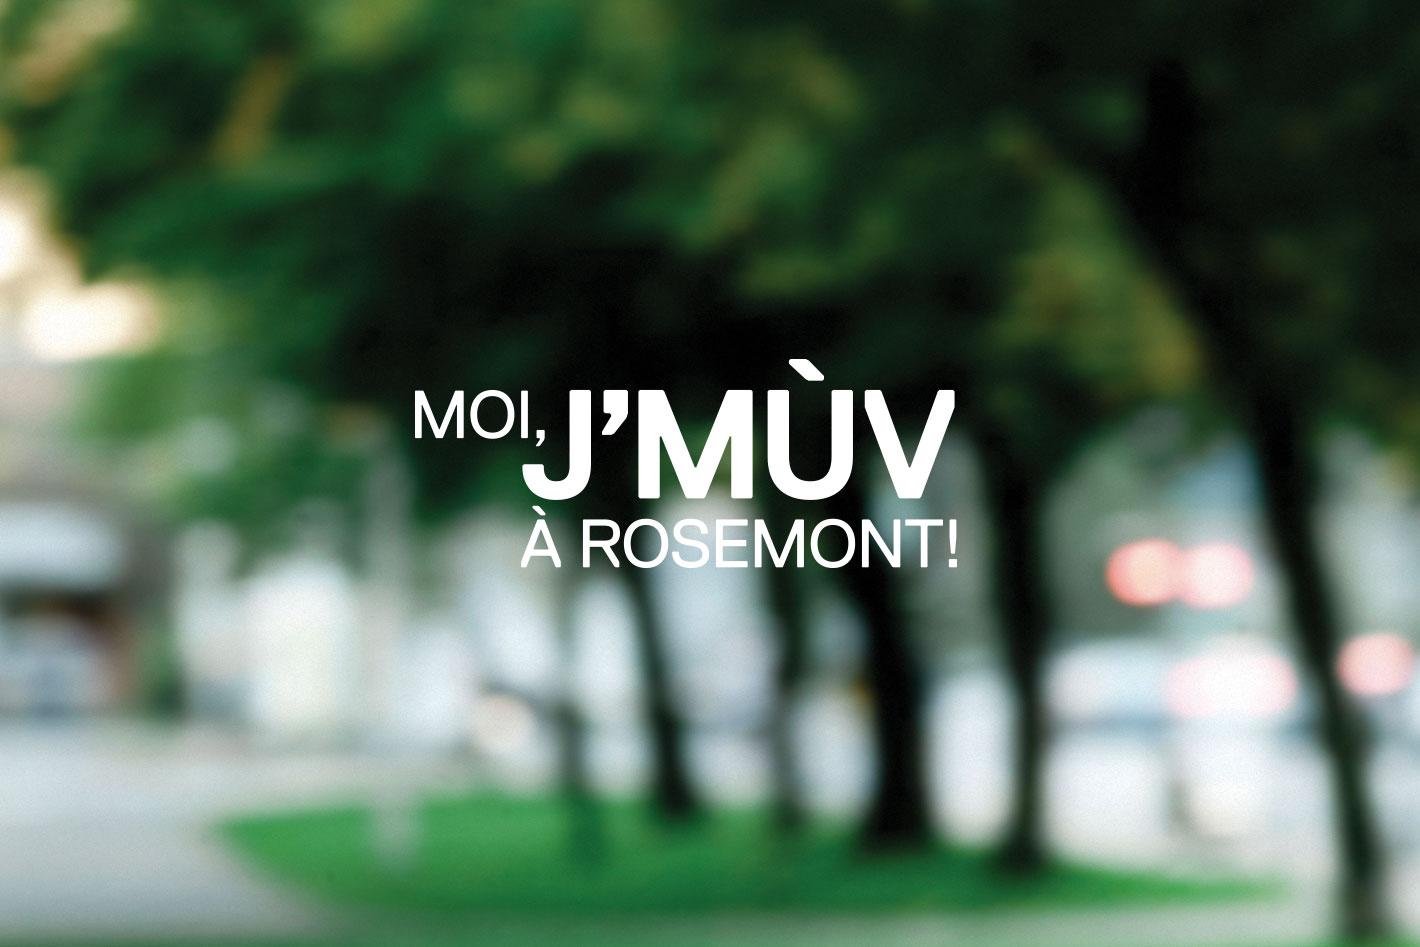 MUV_IMGS_1420x947-JMUV